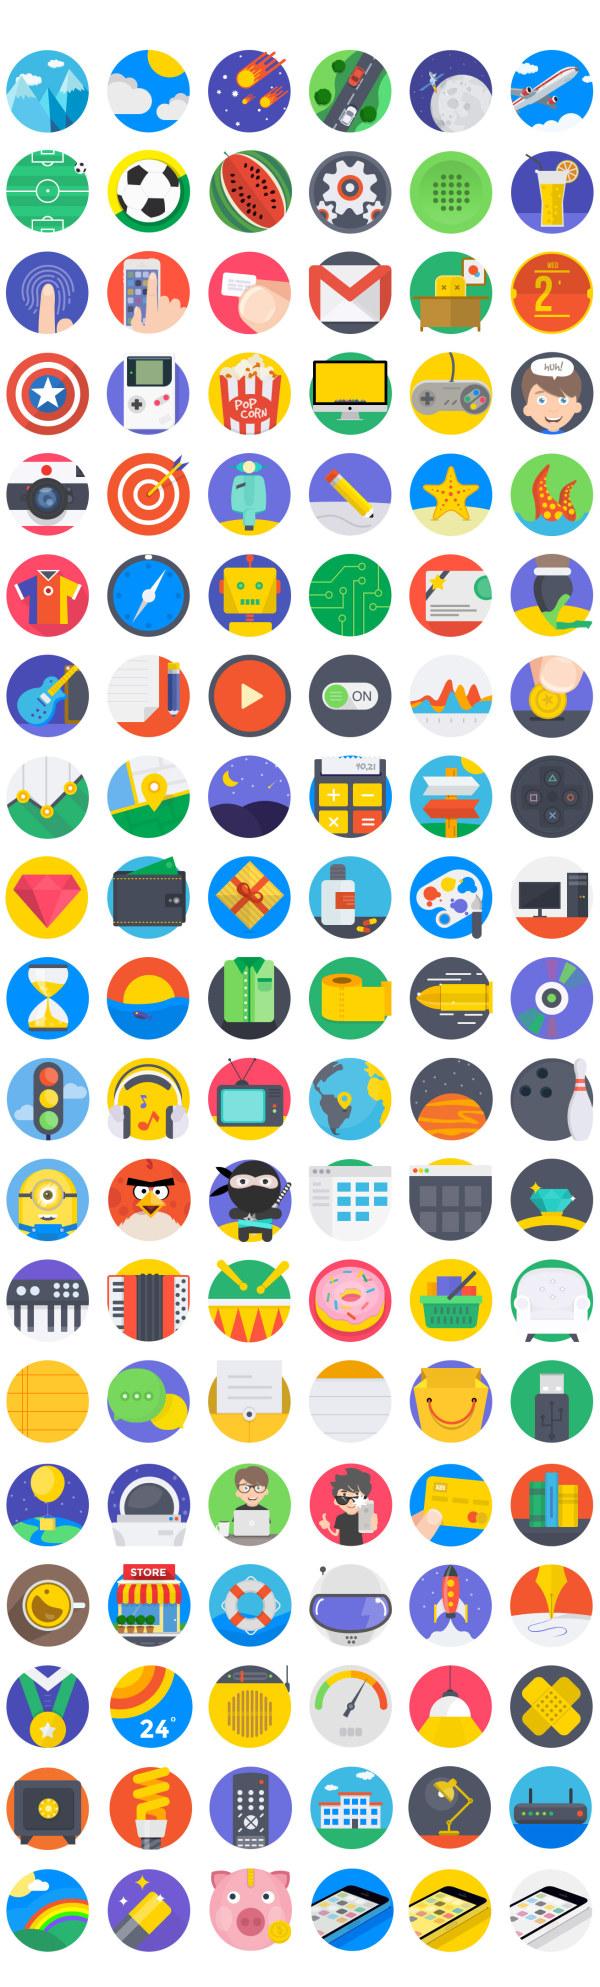 素材分类: 图标所需点数: 0 点 关键词: 扁平彩色icon,扁平icon,psd